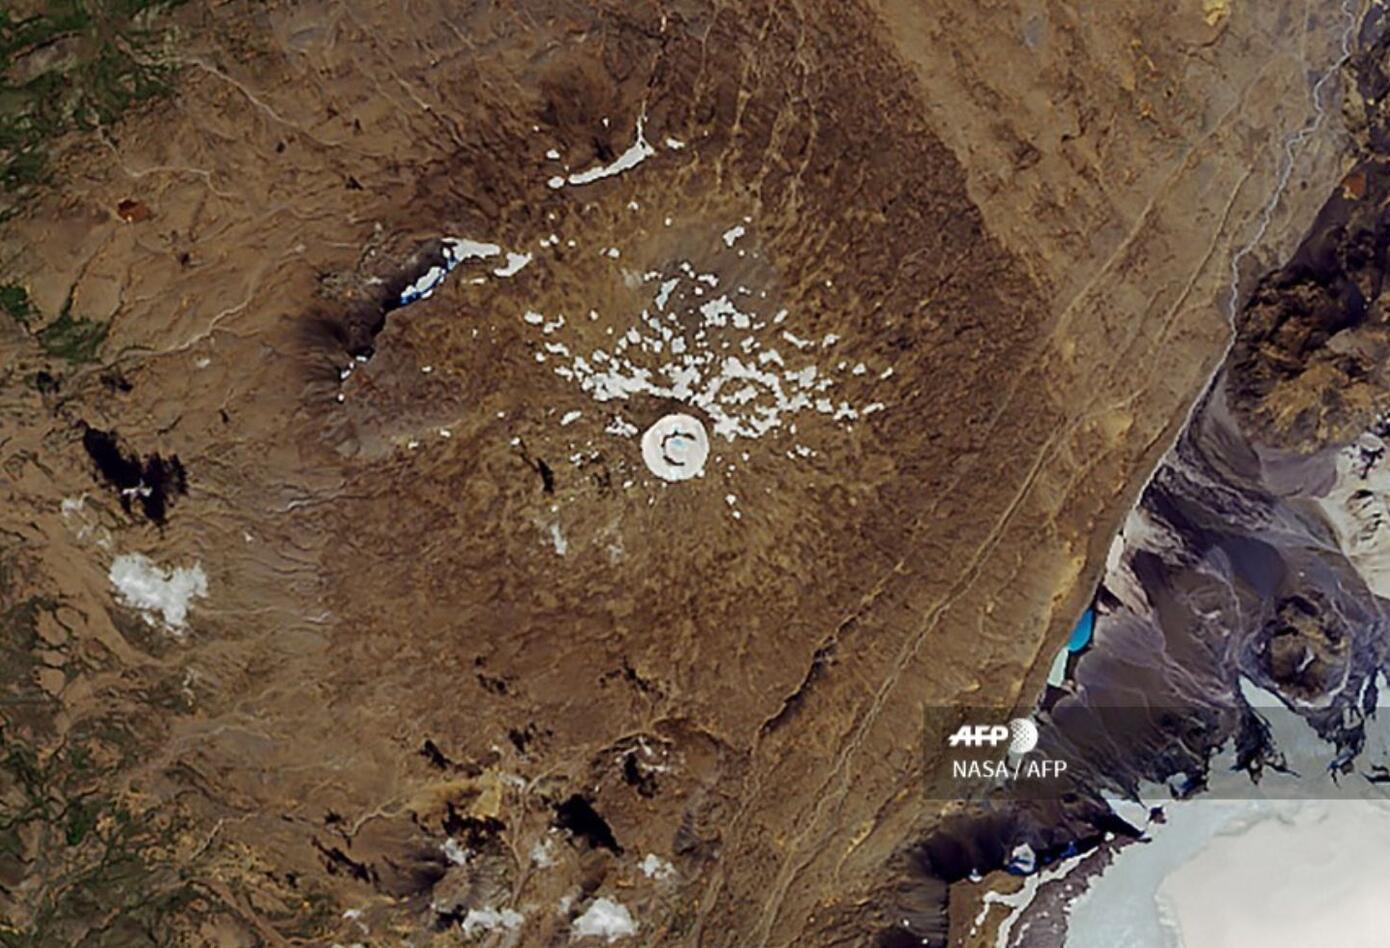 El hielo de Okjokull, que cubría aún 16 km2 de superficie en 1890, ya no ocupaba más de 0,7 km2 en 2012, según un informe de la universidad de Islandia en 2017.